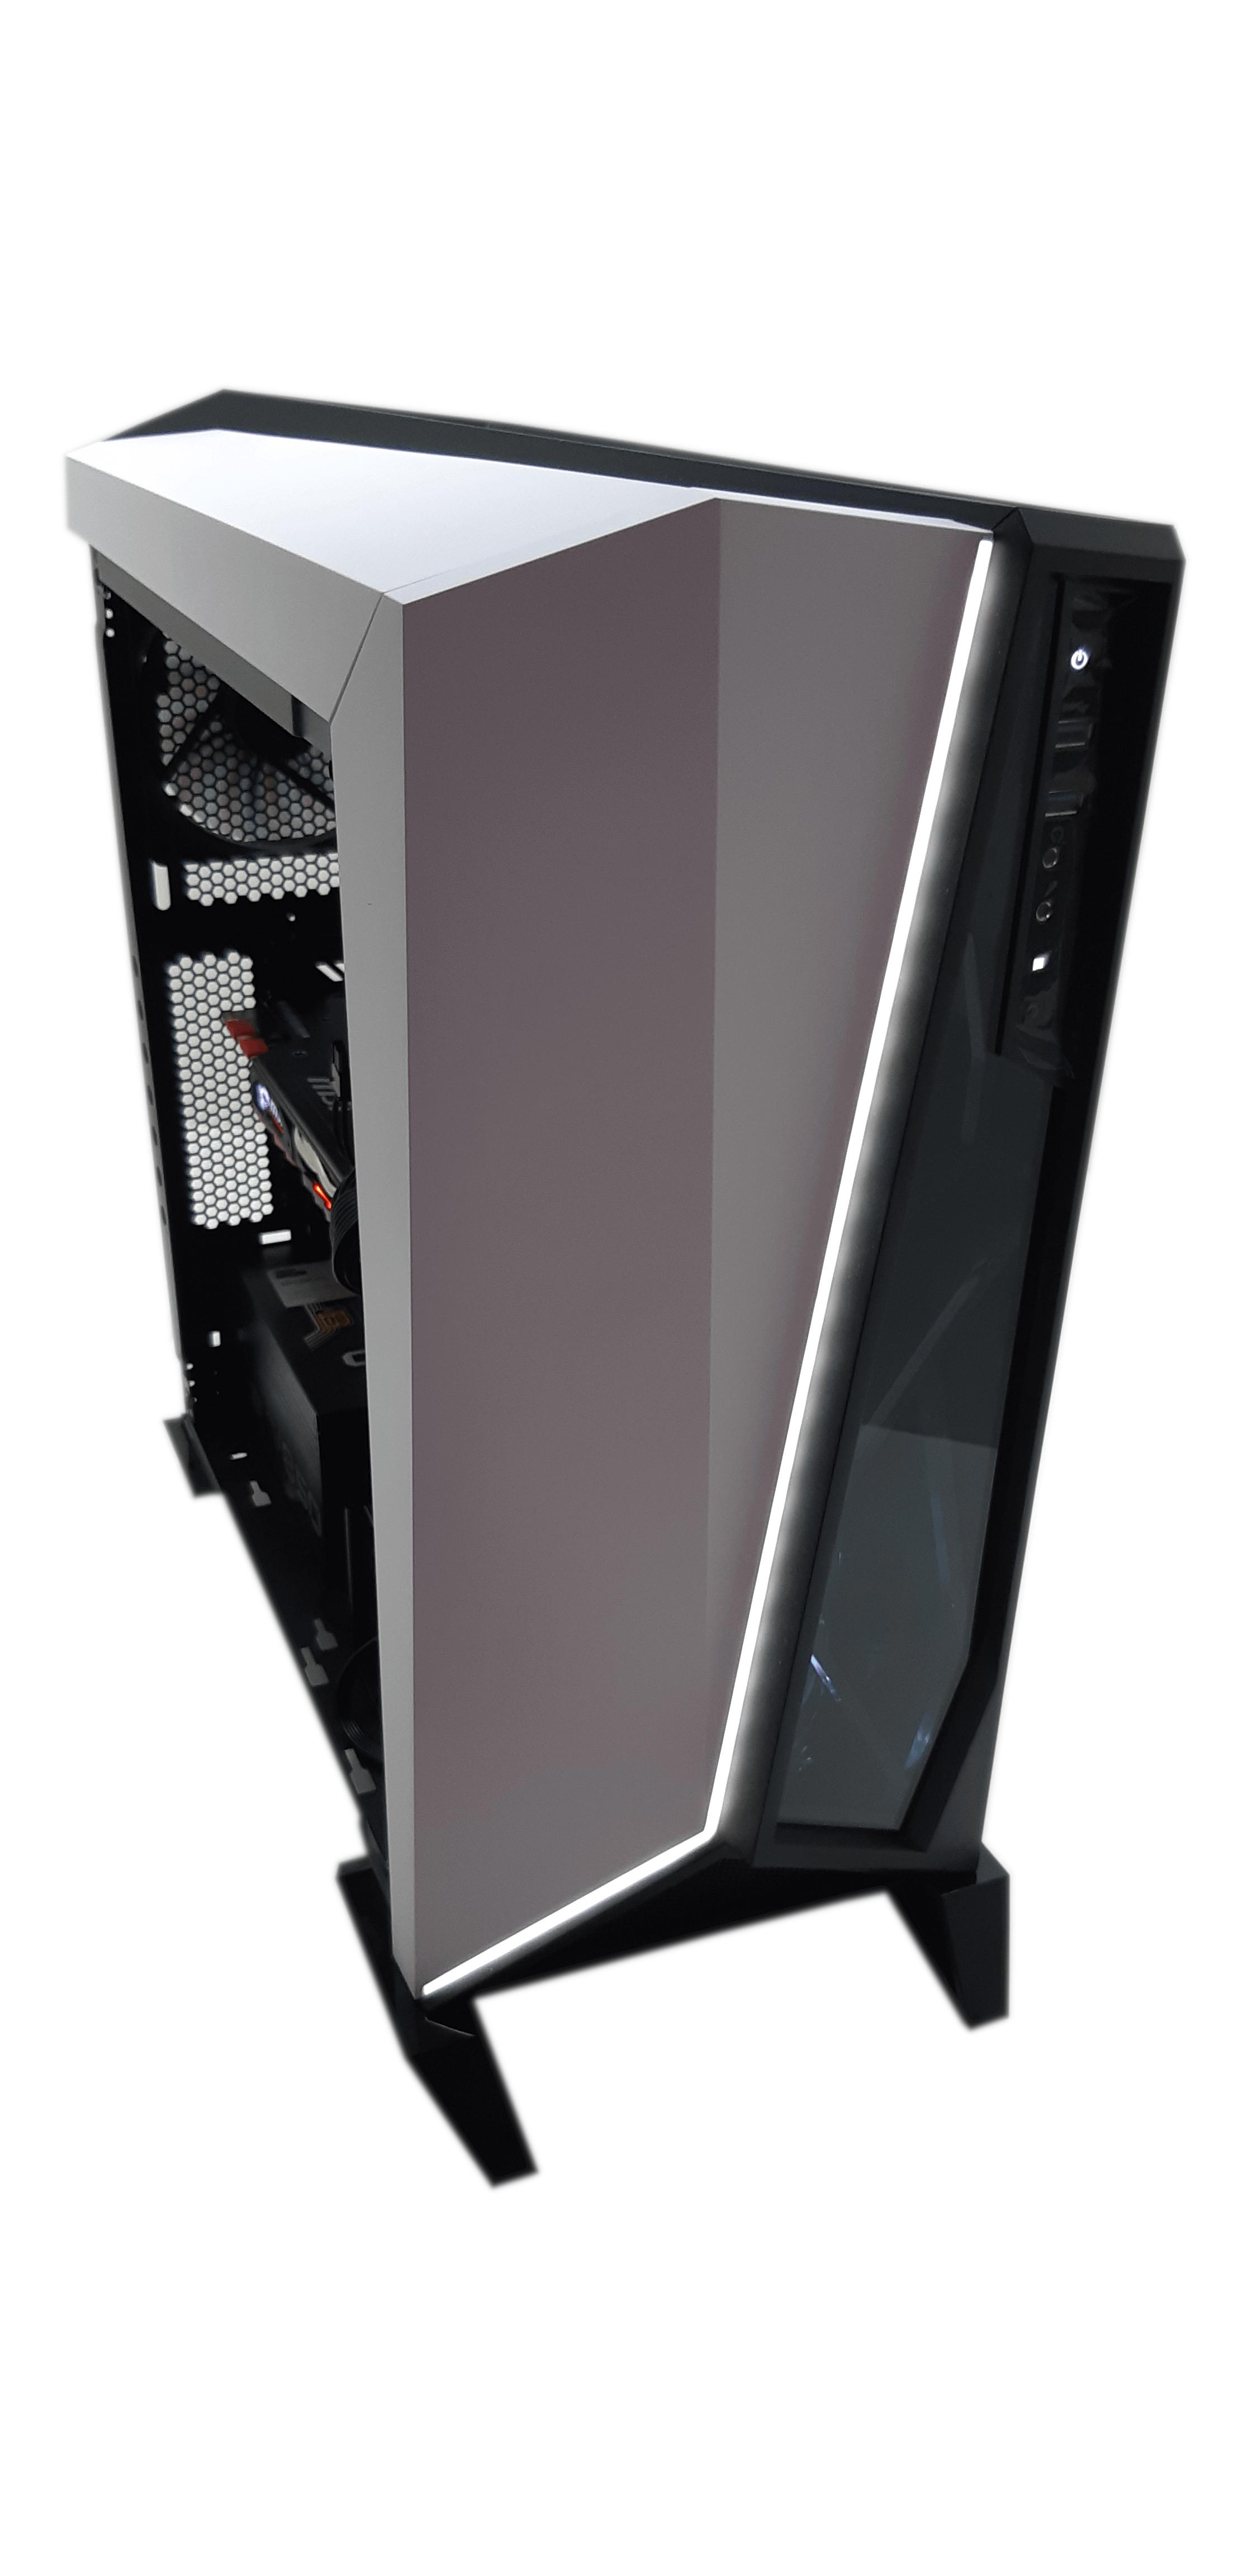 PC WOLF I5-6400 2.7 / 8192 MB DDR4 / 240 GB SSD NOWY + 500 GB HDD / WINDOWS 10 PRO